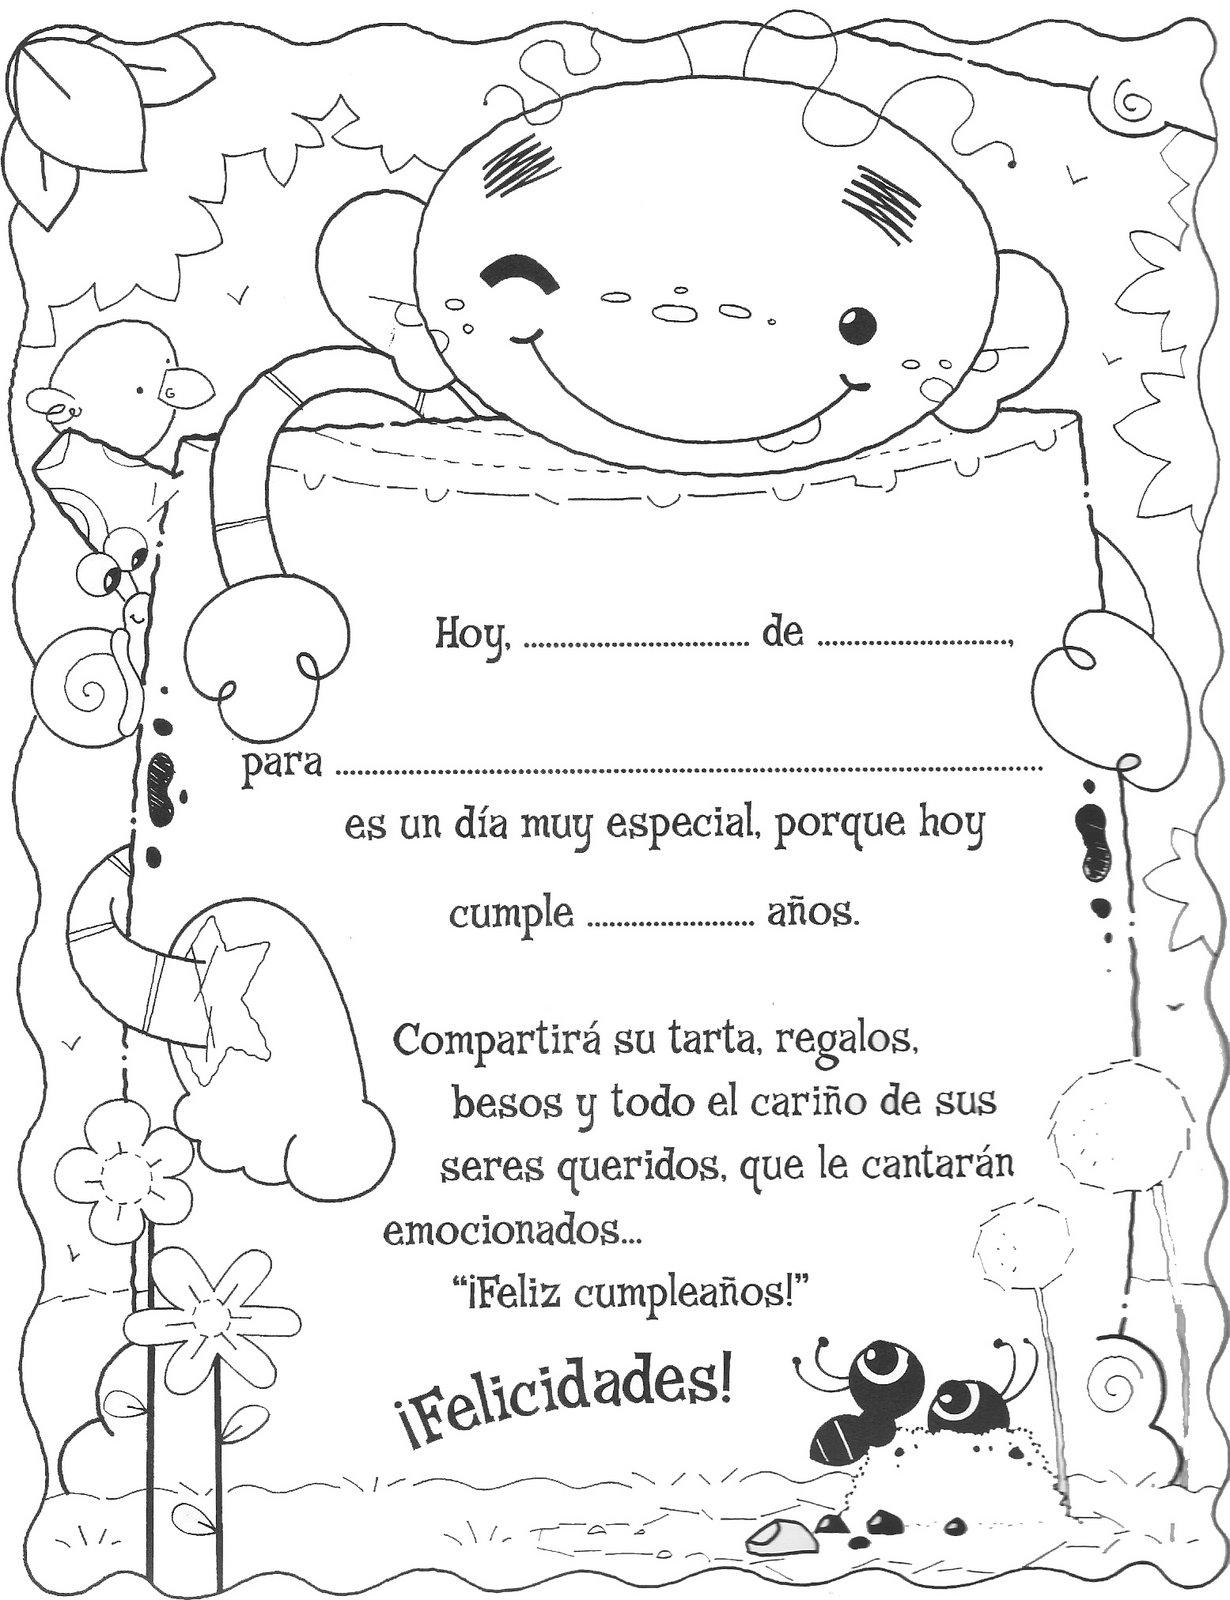 Menta m s chocolate recursos y actividades para - Felicitaciones cumpleanos infantiles ...